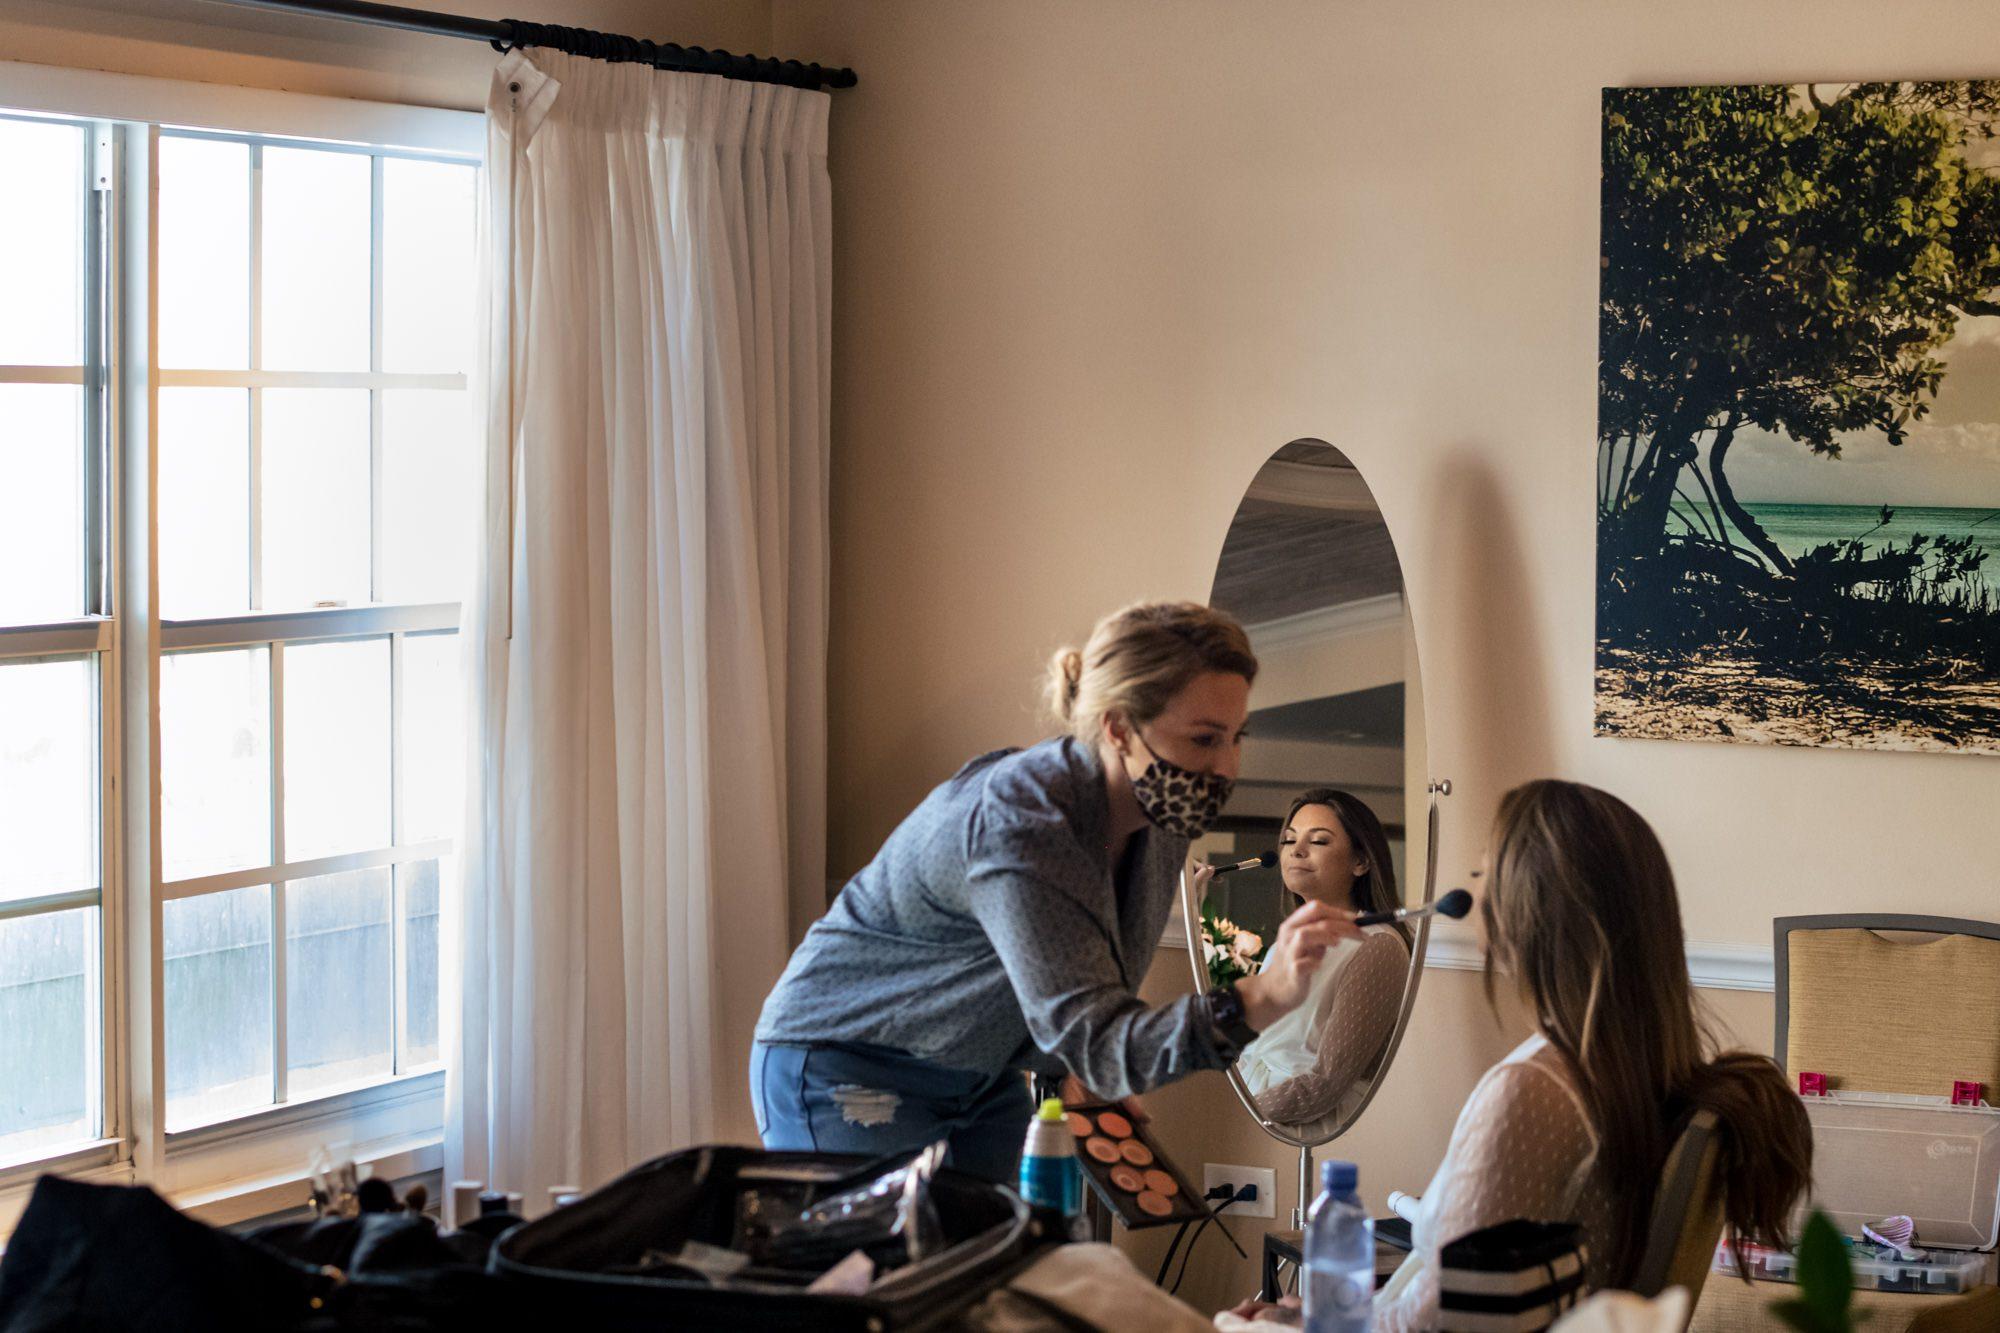 Bella luxe hair makeup airbrushing bride